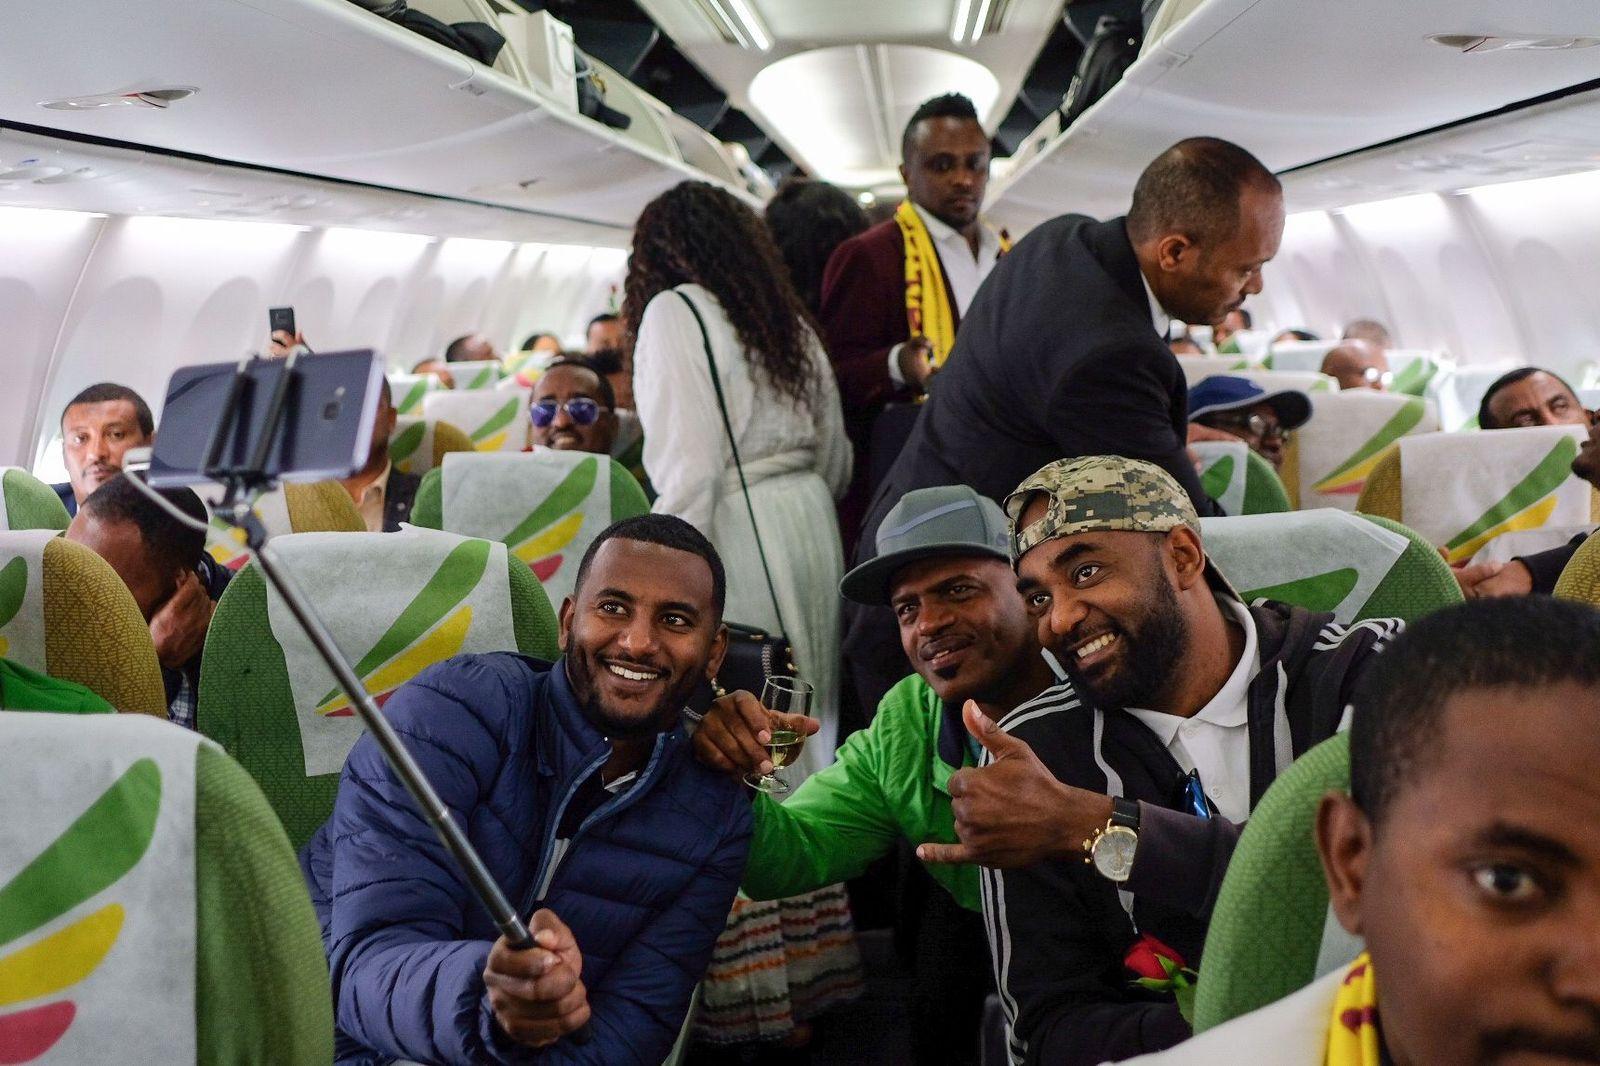 Äthiopien / Eritrea / flug